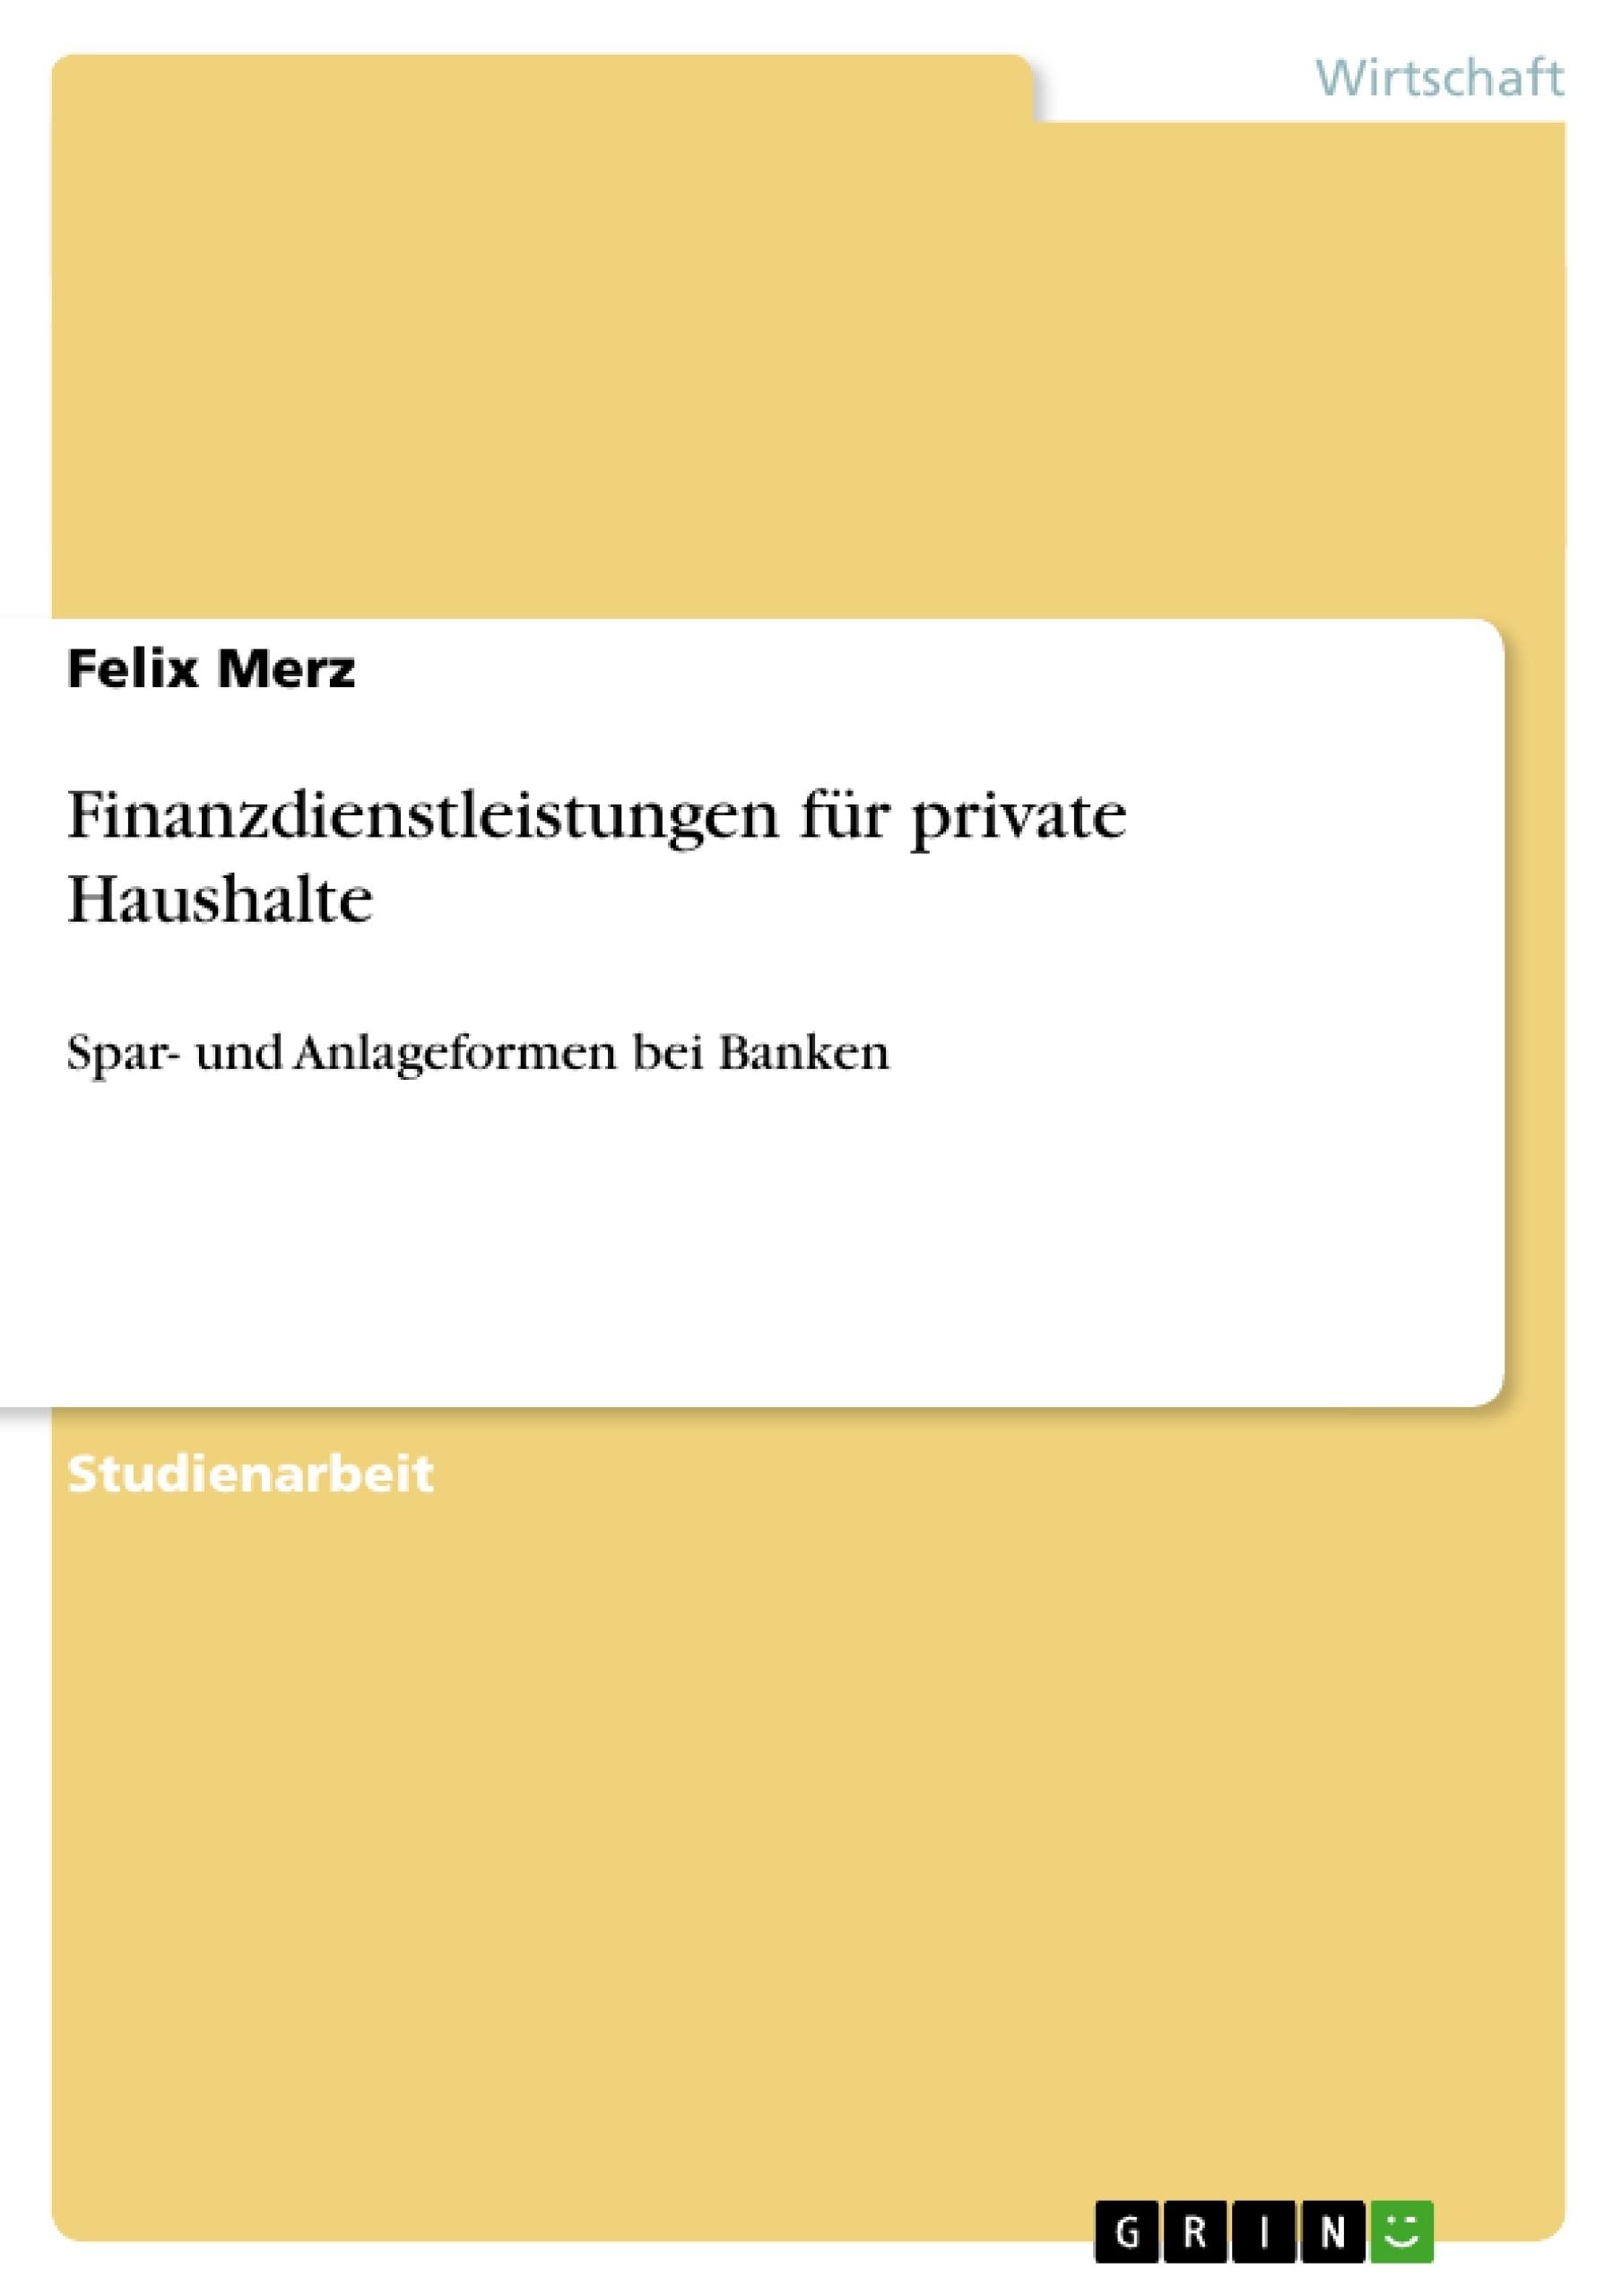 Titel: Finanzdienstleistungen für private Haushalte